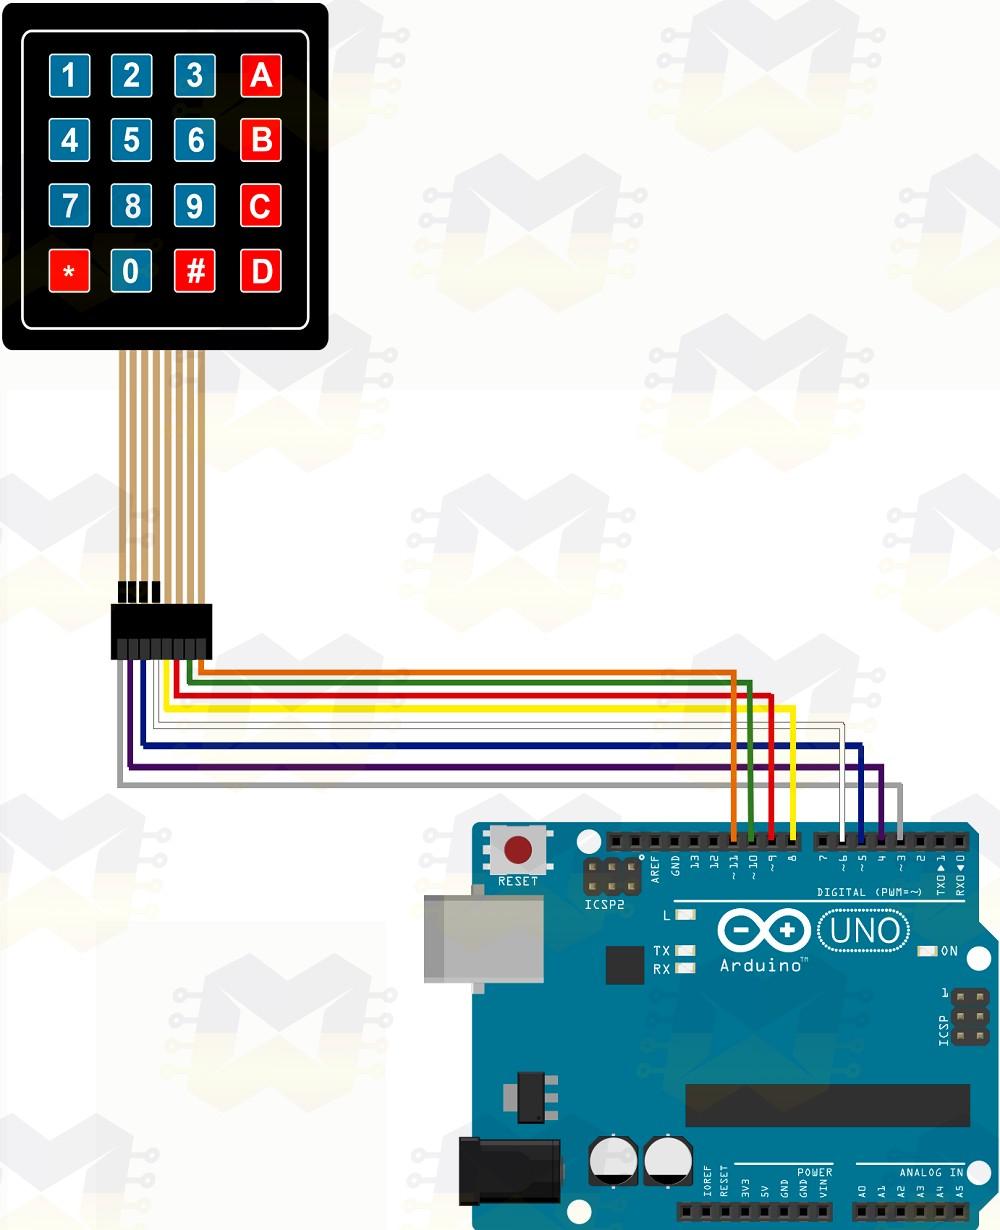 img01_como_usar_com_arduino_teclado_matricial_de_membrana_4x4_uno_mega_2560_leonardo_nano